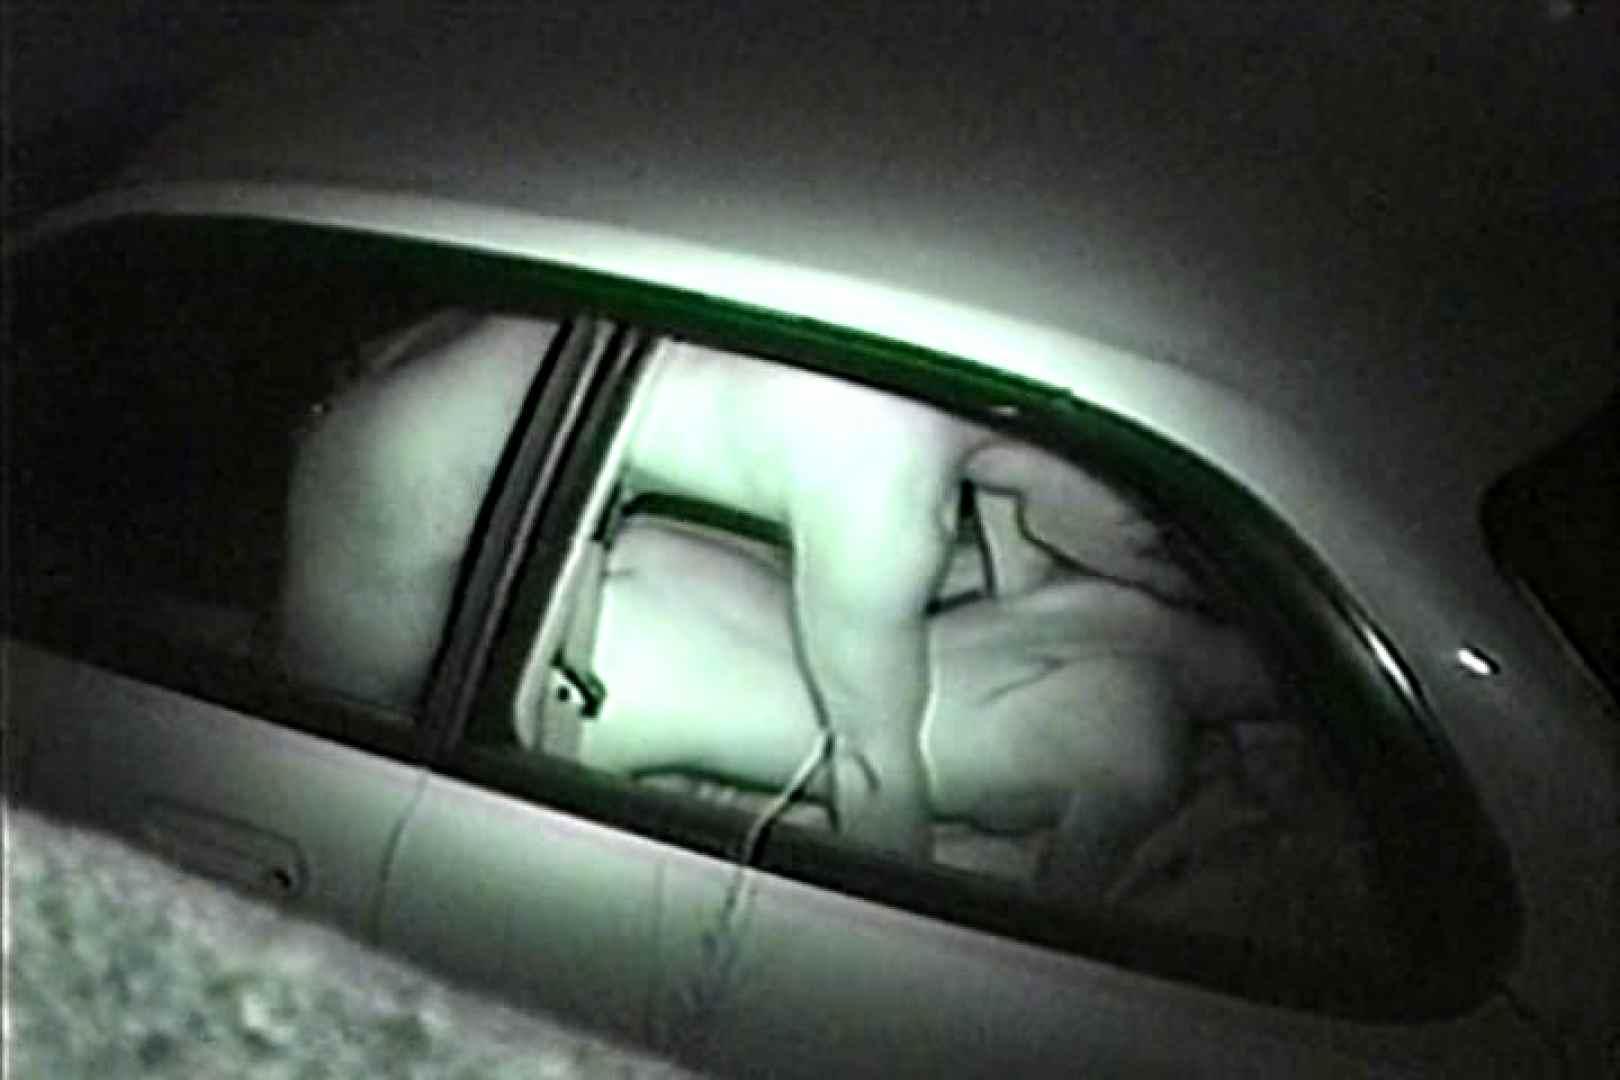 車の中はラブホテル 無修正版  Vol.7 人気シリーズ 覗きおまんこ画像 84pic 6